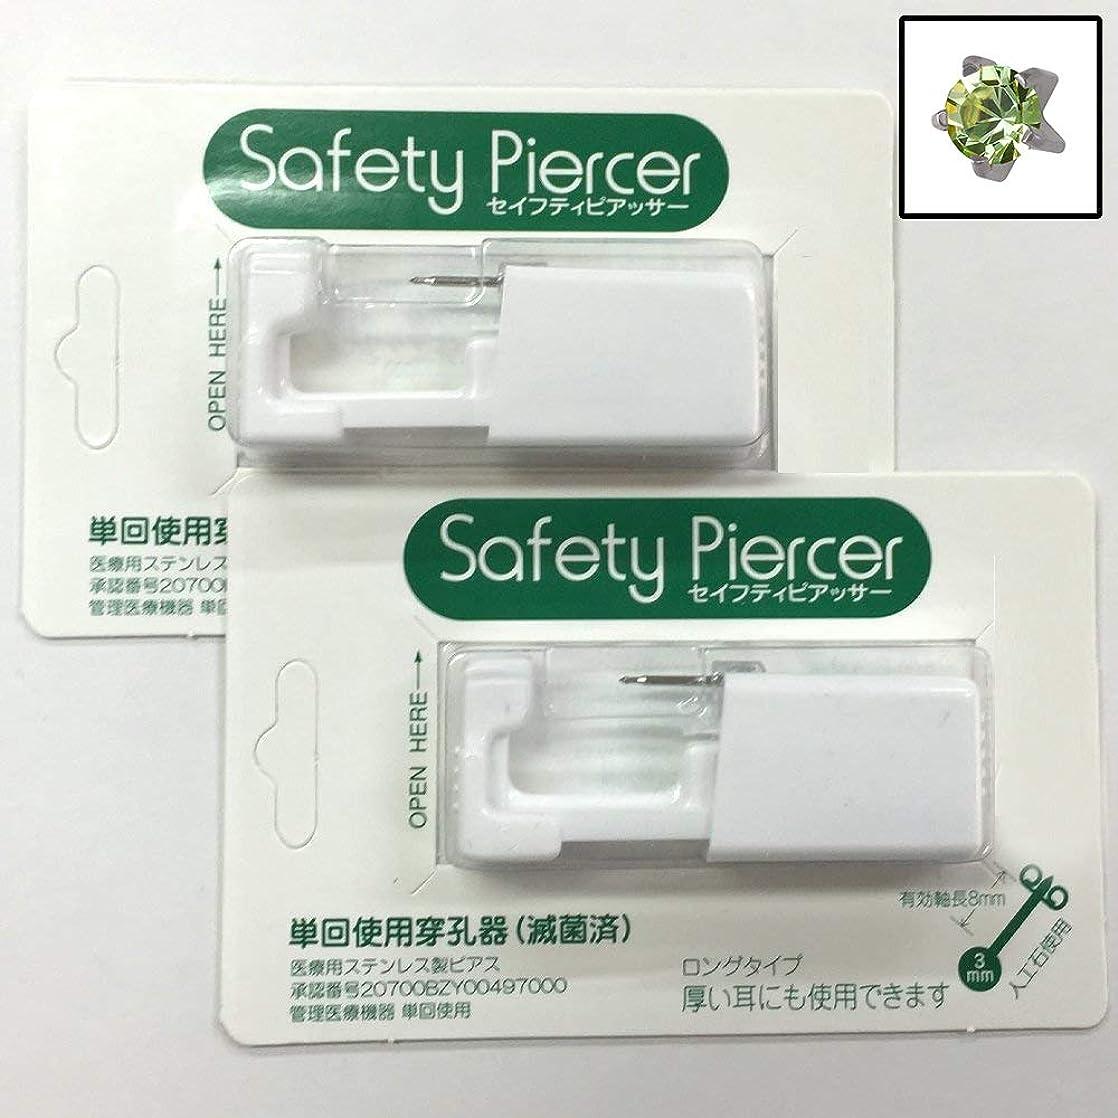 不屈アッパー動機付けるセイフティピアッサー シルバー (医療用ステンレス) 3mm ペリドット色 5M108WL(2個セット)